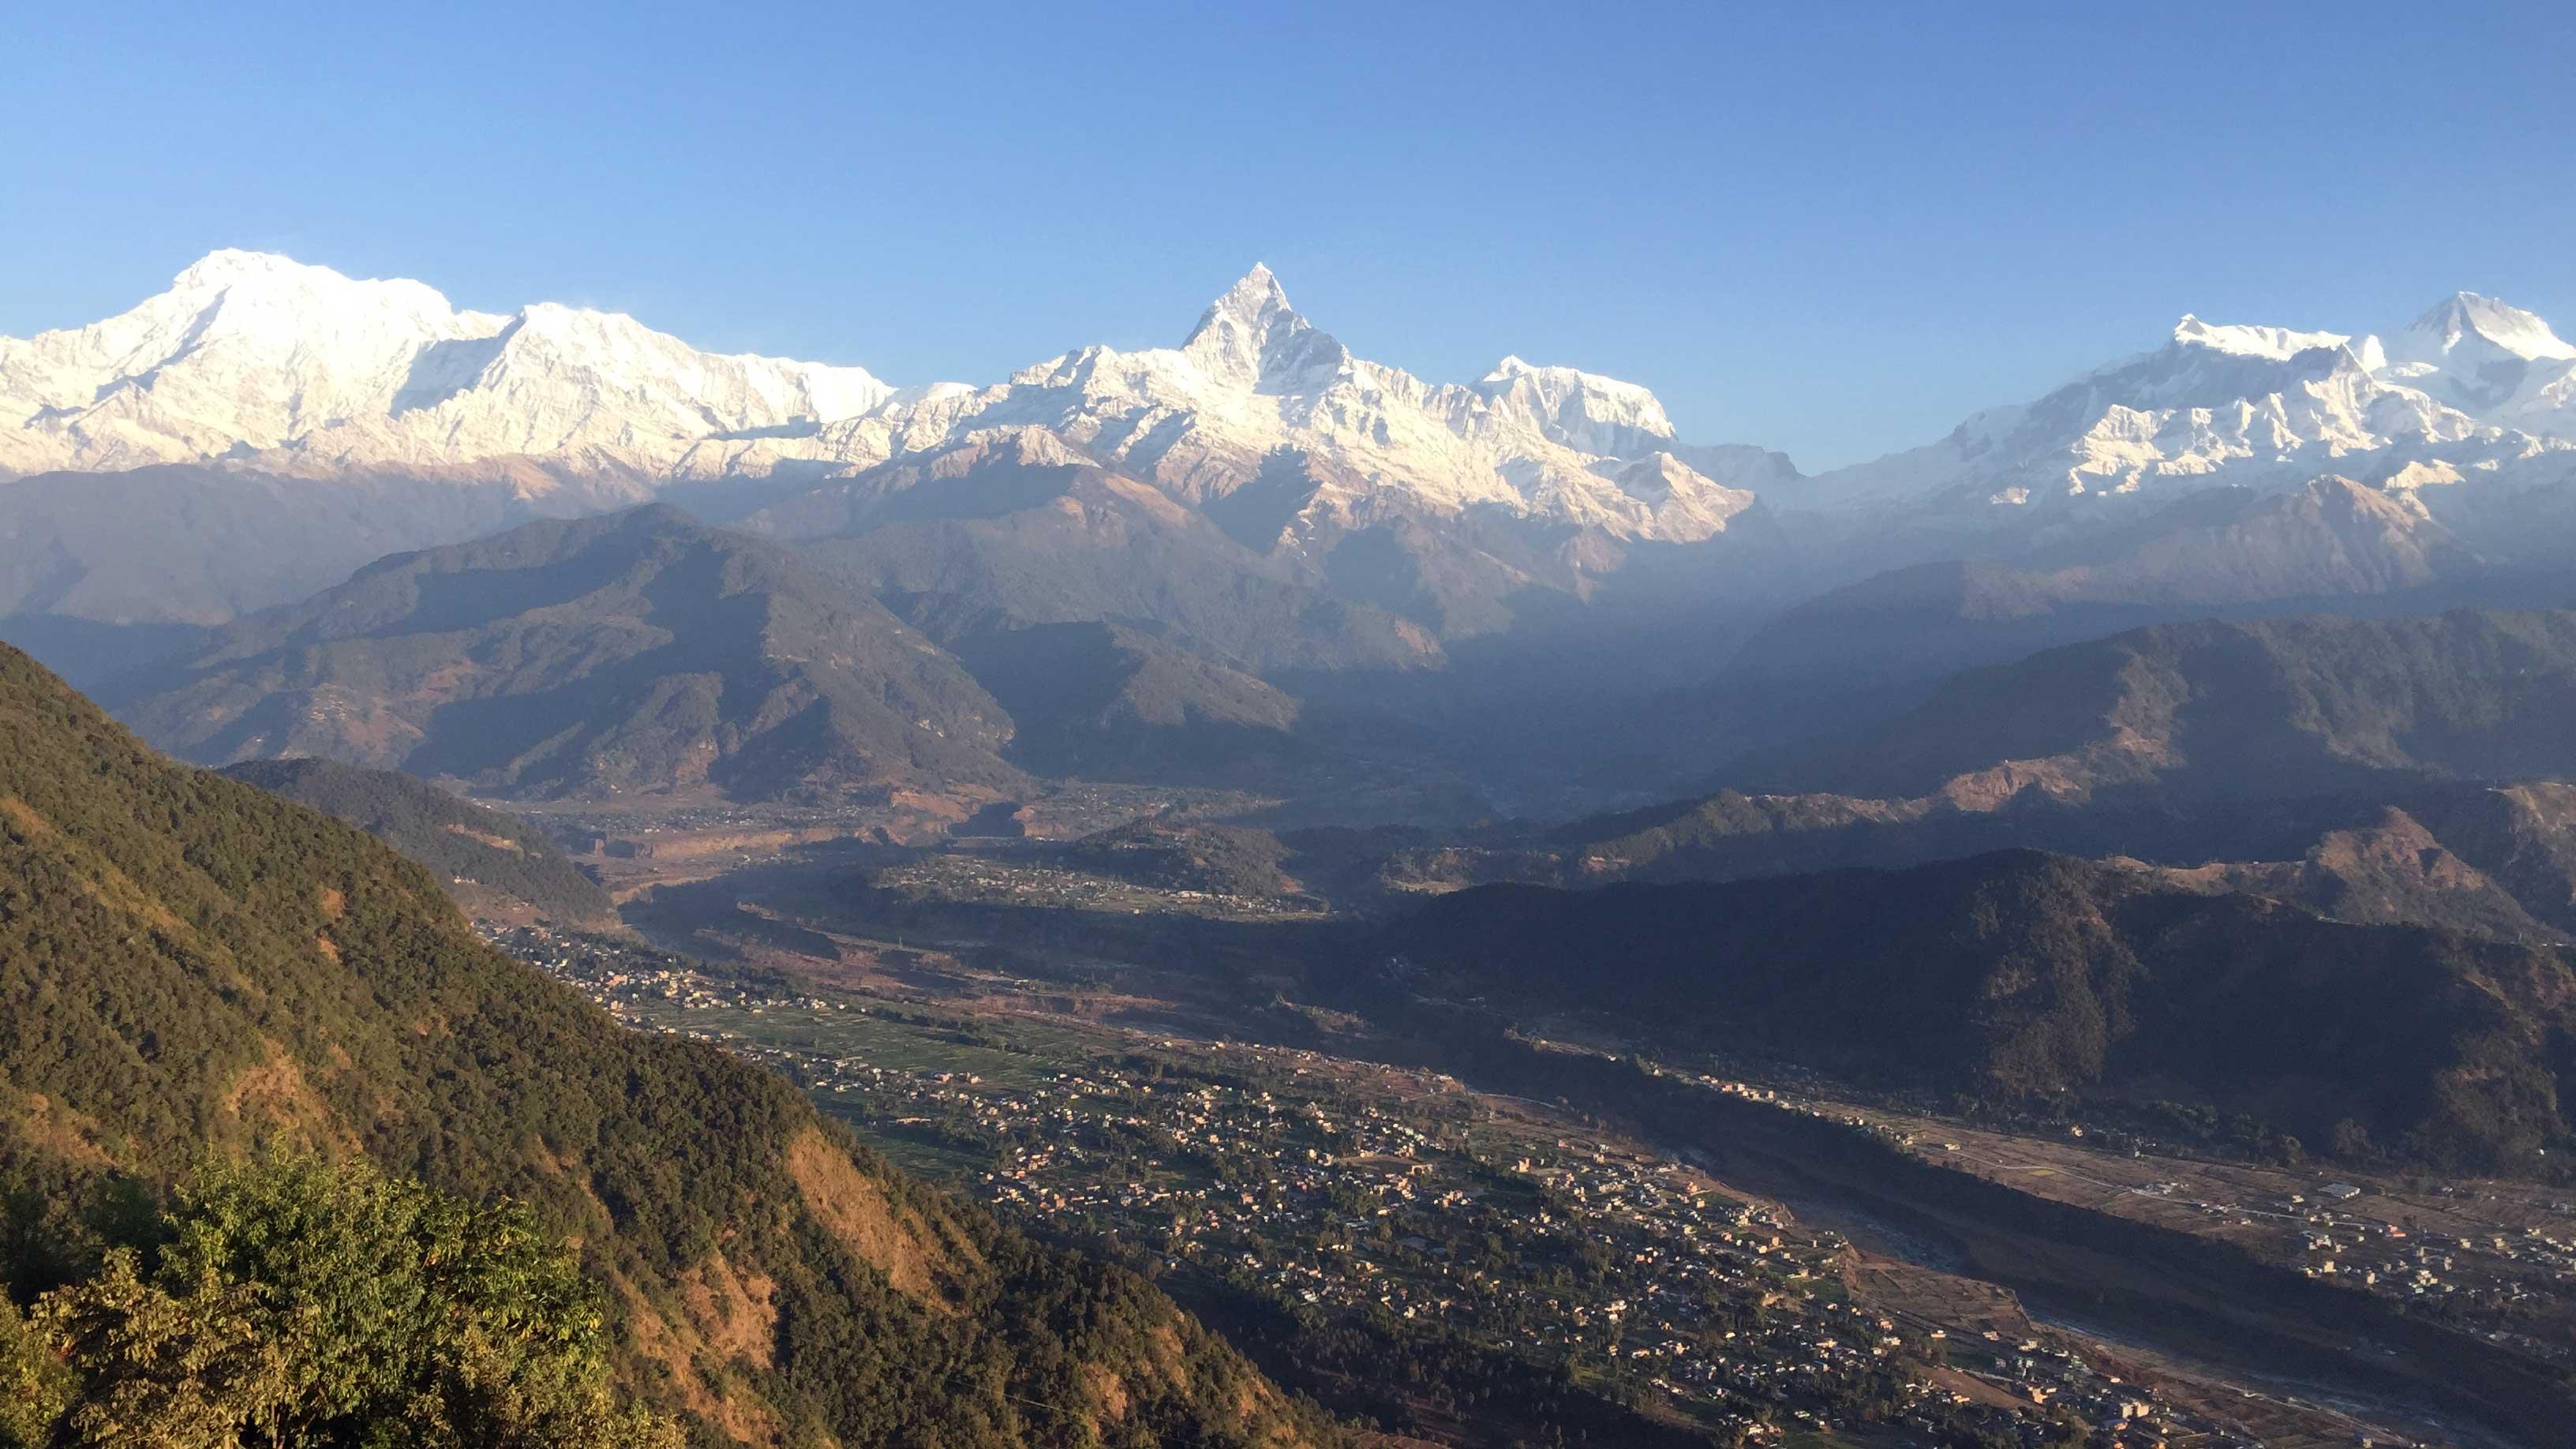 Святой Святая гора Кайлас через Китай с Ронбук и Эверест базовый Лагерь